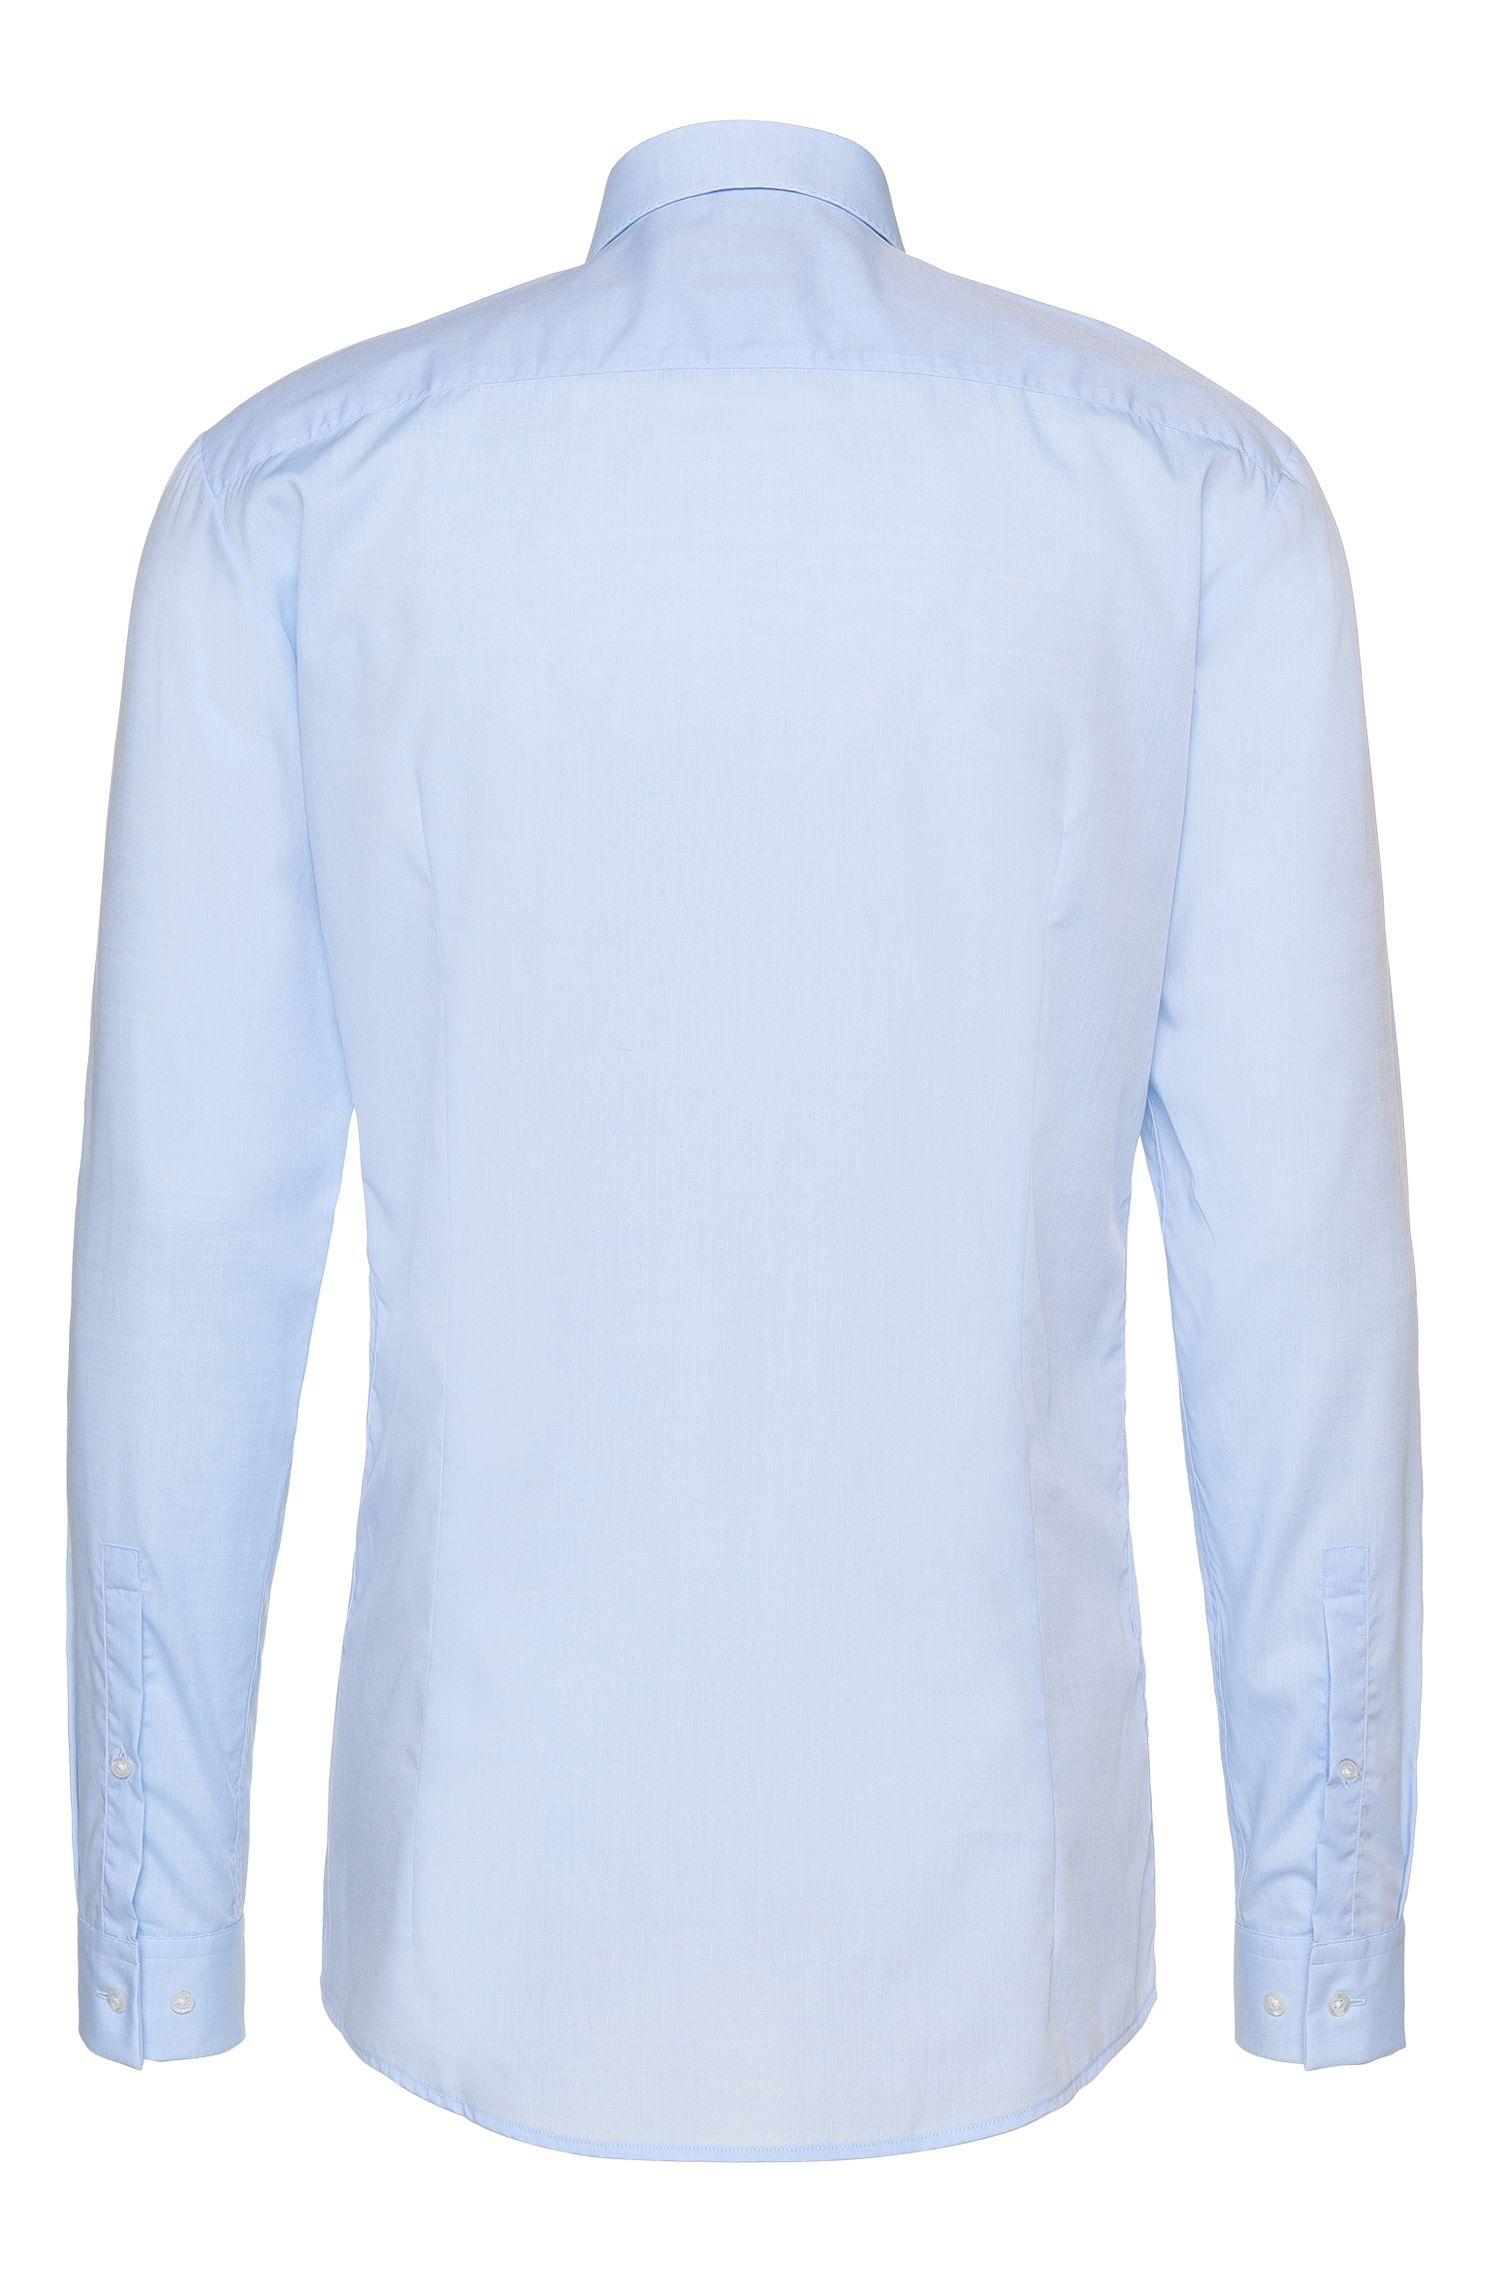 Slim-Fit Hemd aus bügelleichter Baumwolle mit verdeckter Knopfleiste: 'Enns'